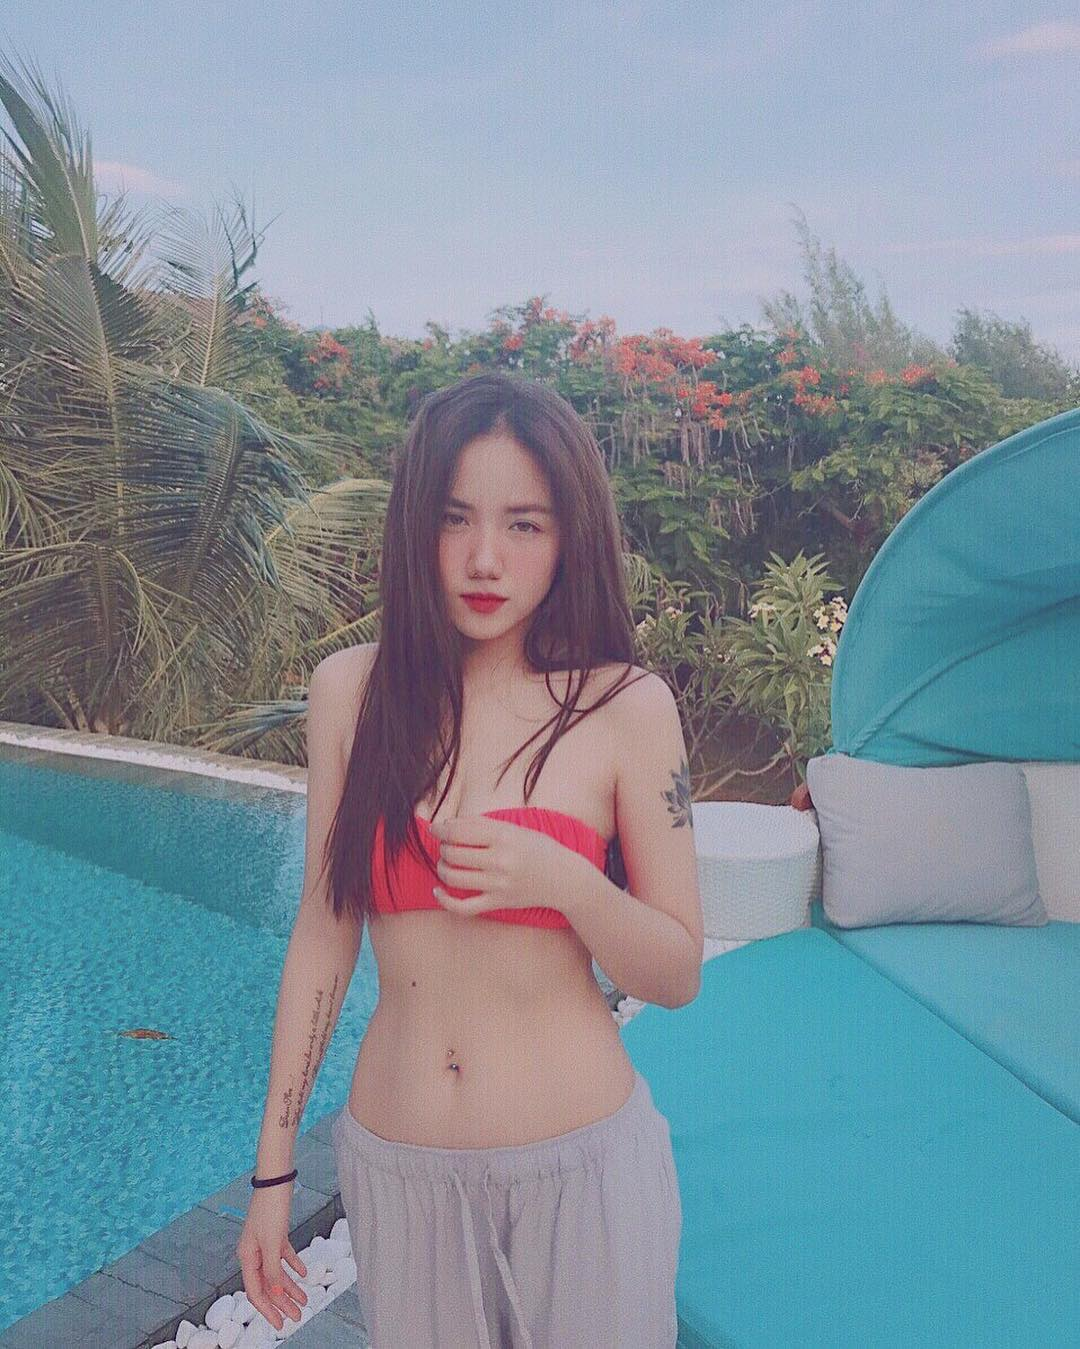 Không ngờ Phương Linh có cô em gái đẹp và sexy đến vậy - 1